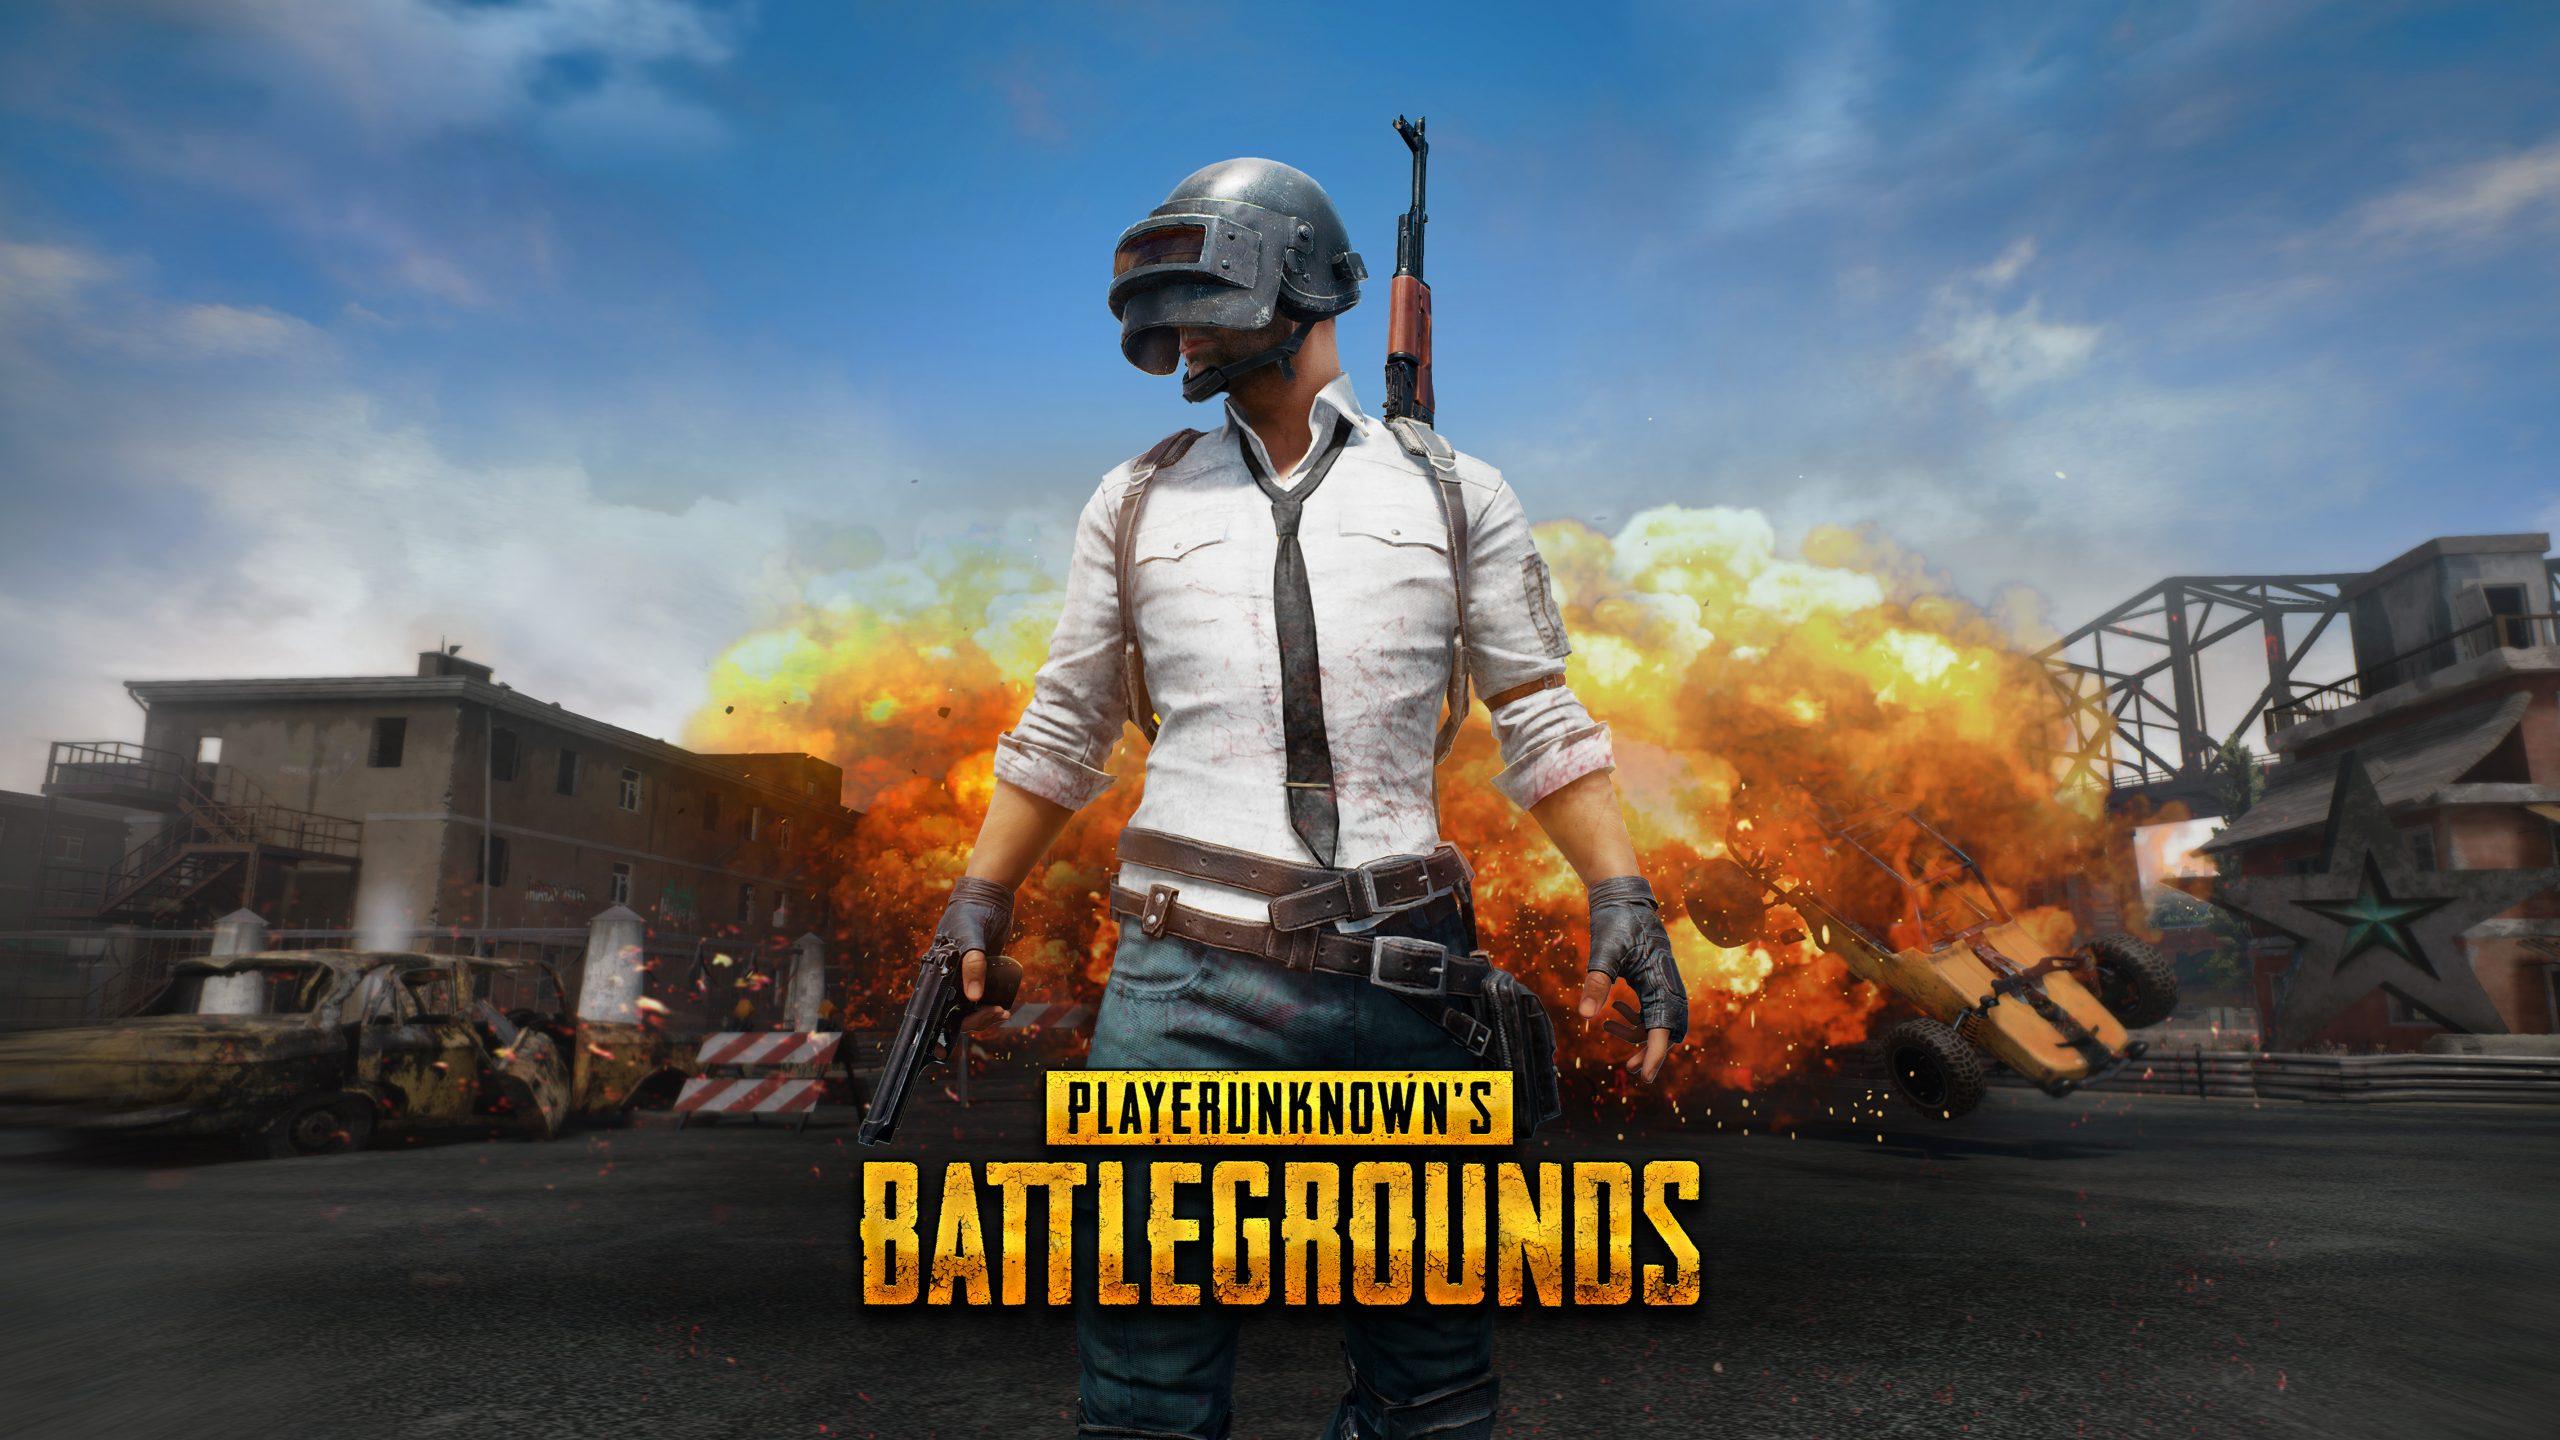 Playerunknowns Battlegrounds Cover PUBG 5K Wallpaper